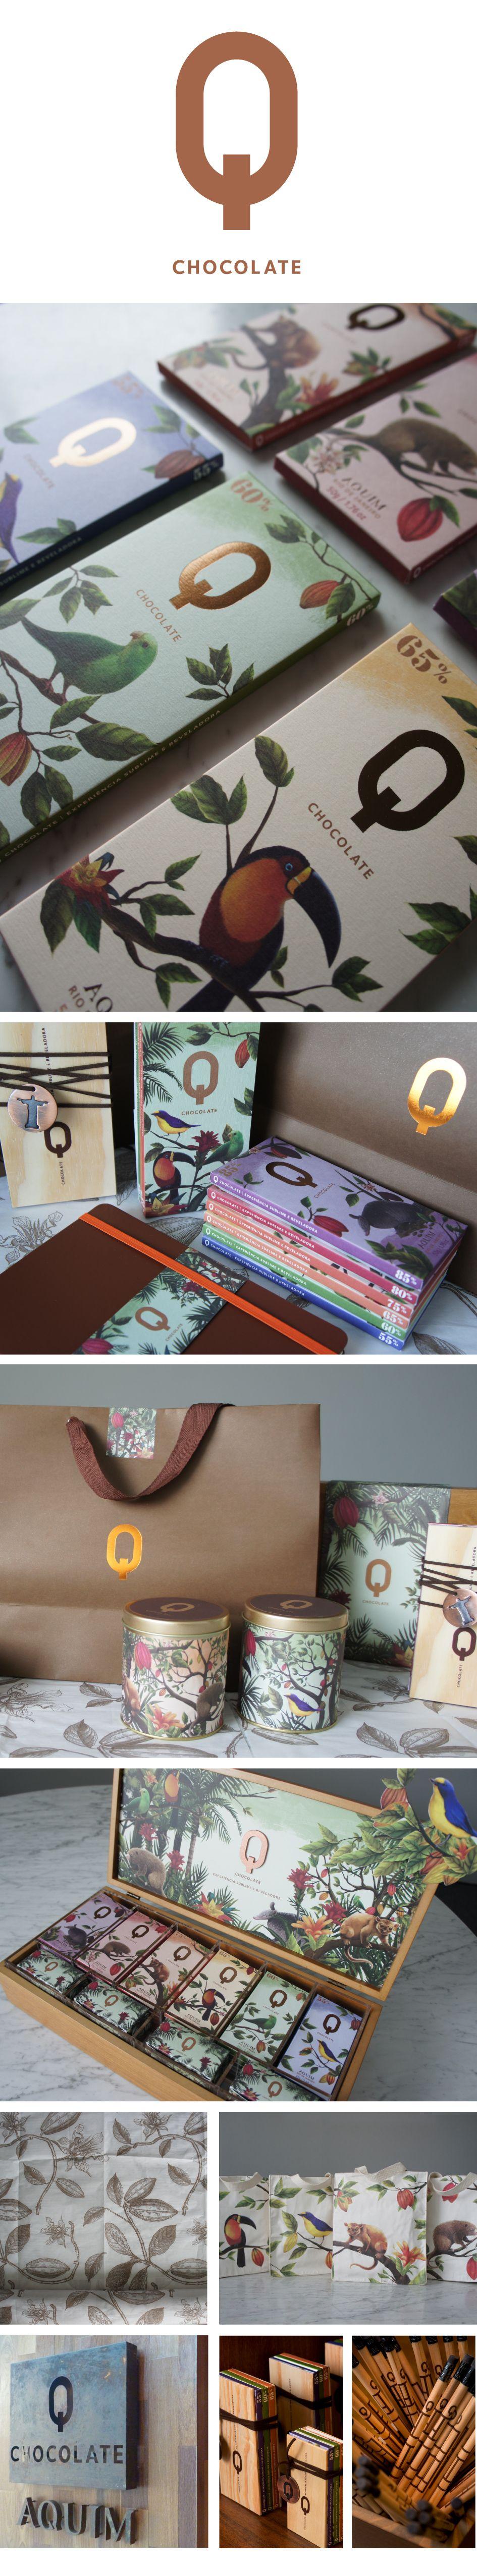 aquim, q chocolate.  design credit, claudio novaes.  cannes design 2013 winner.